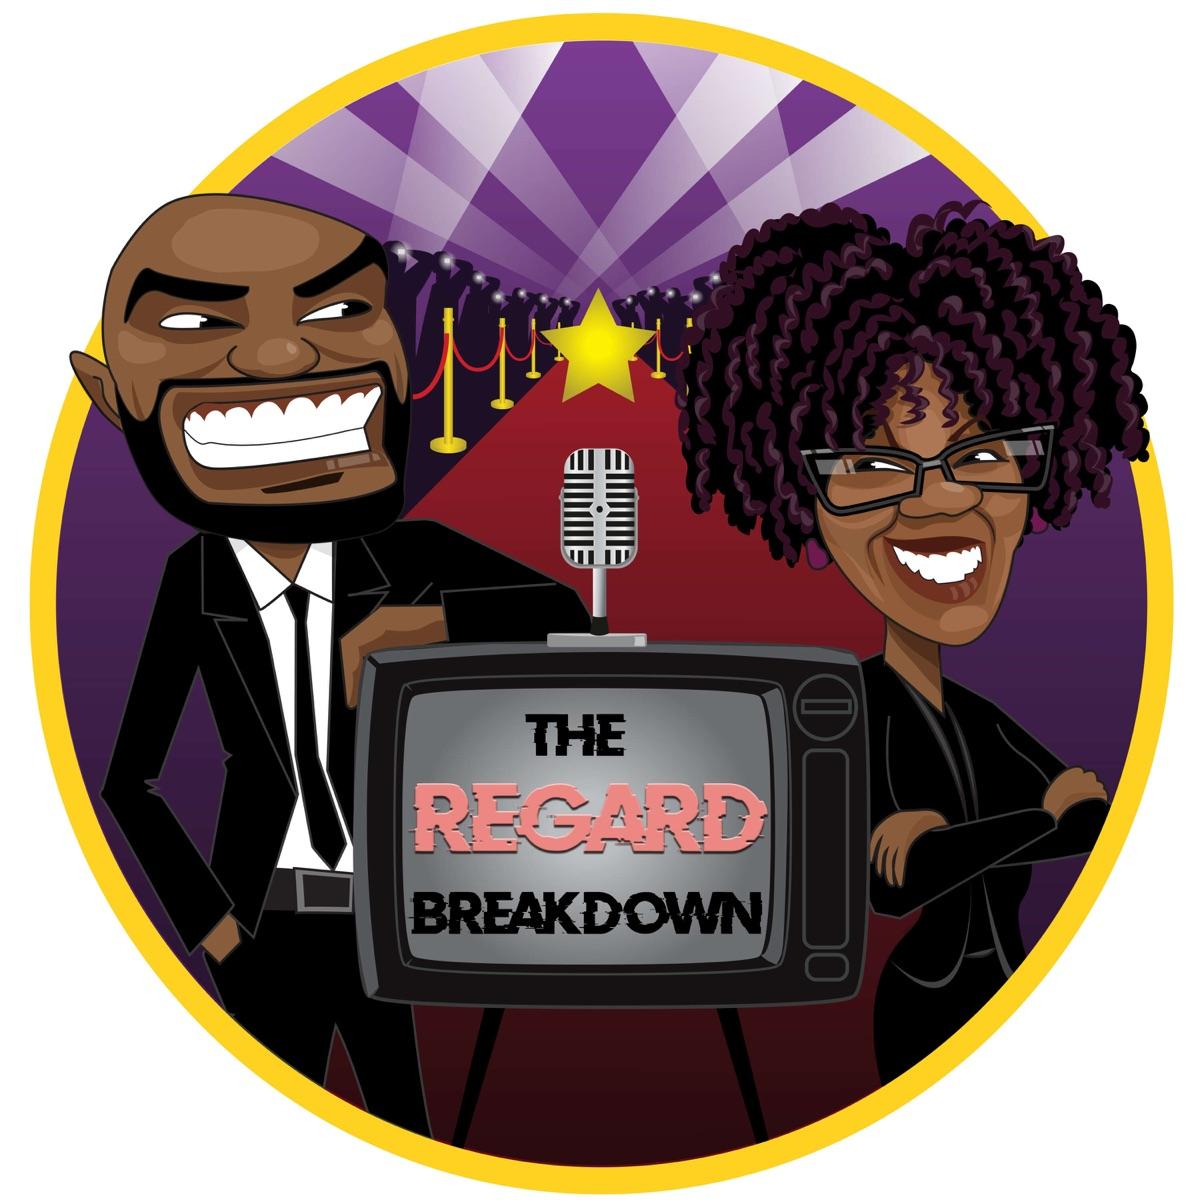 The REGARD Breakdown